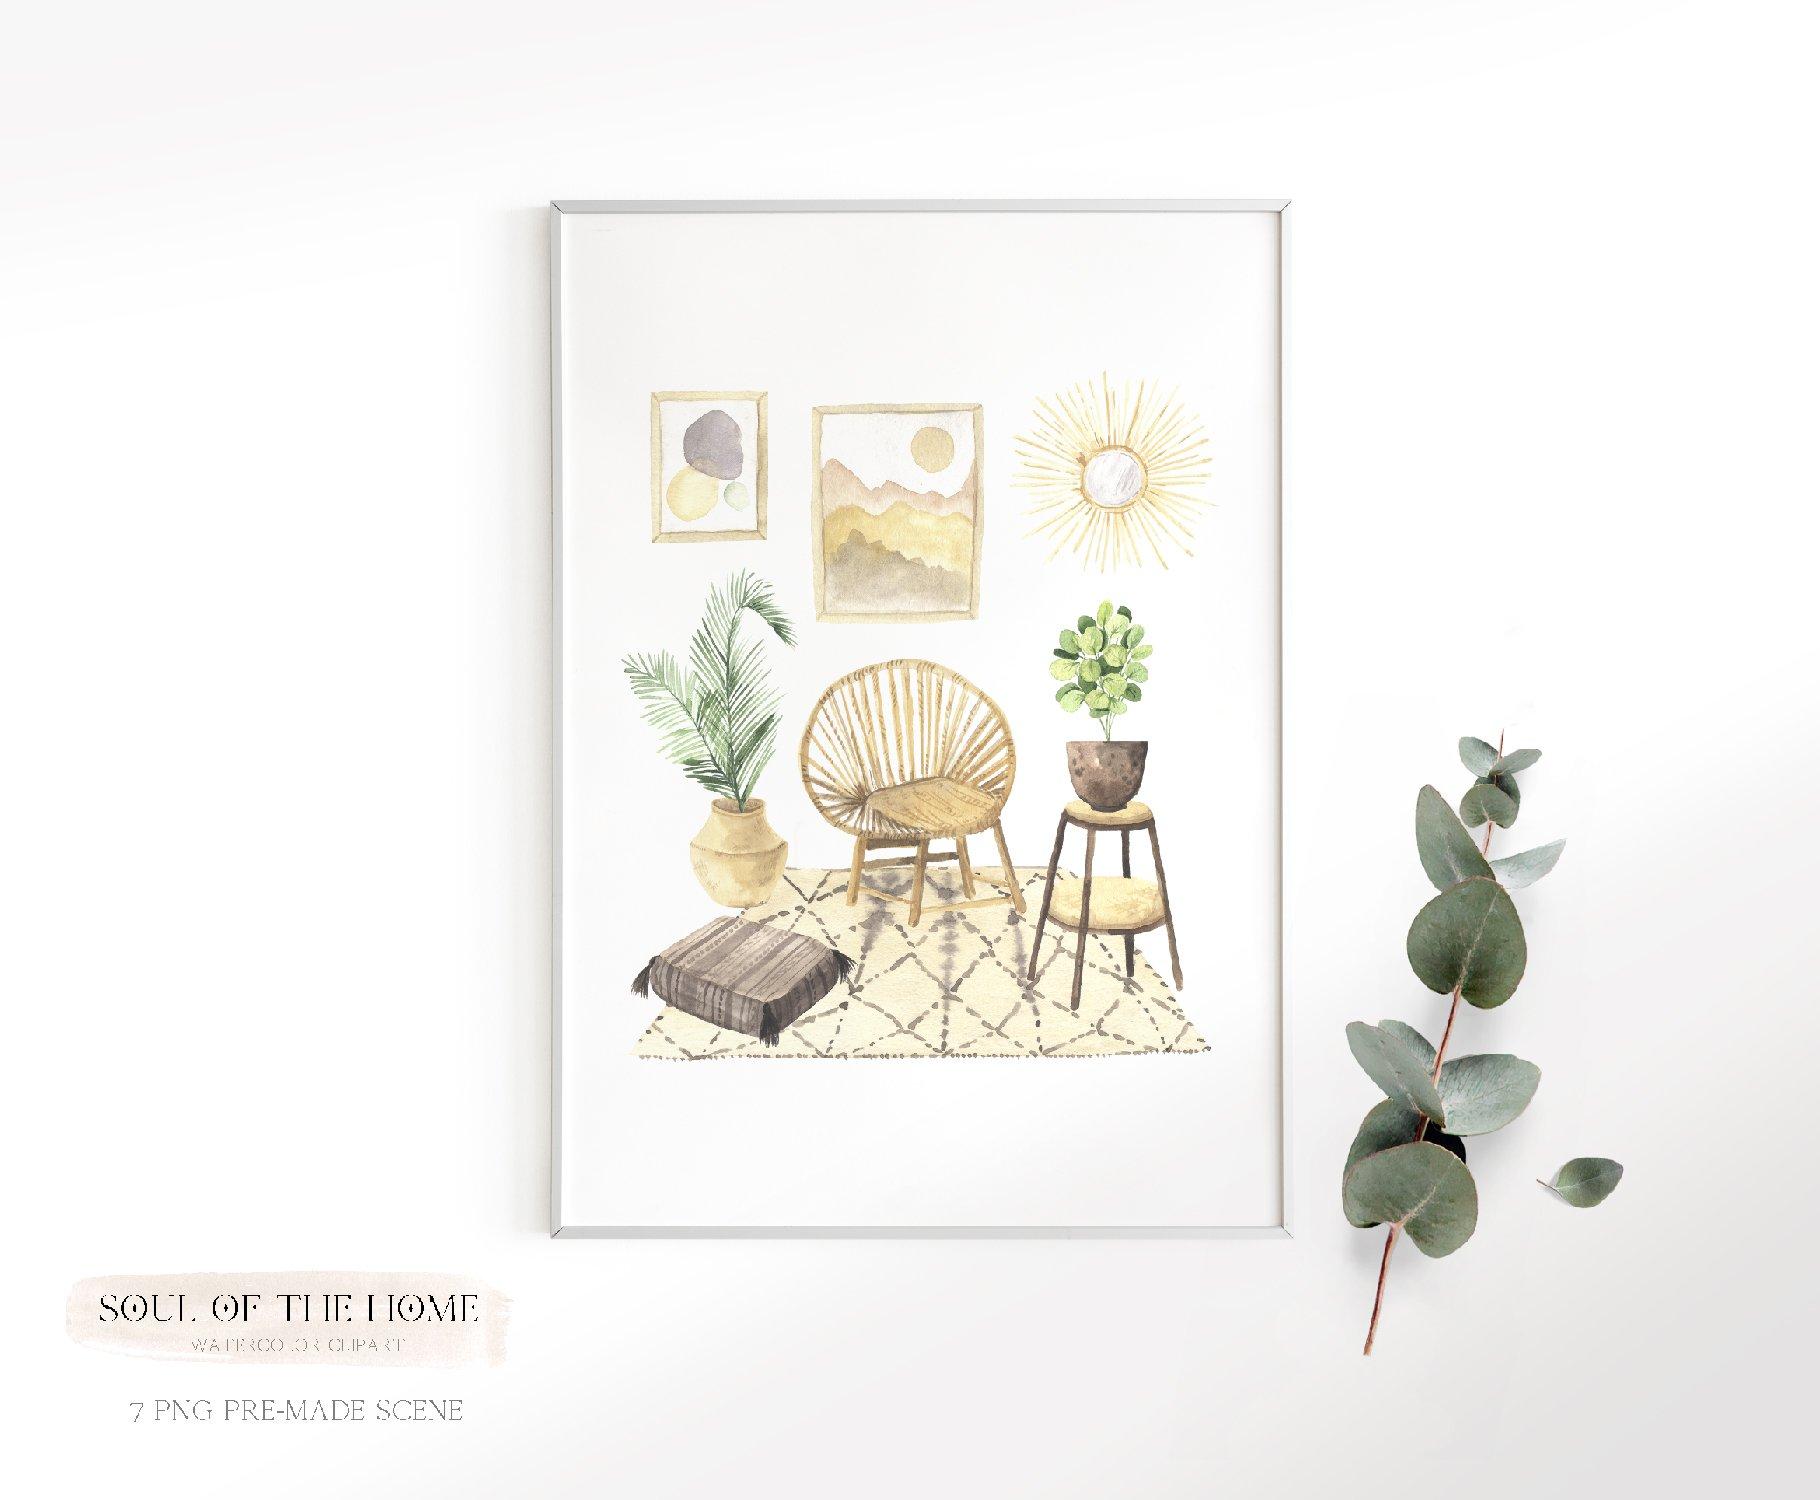 现代新潮手绘波西米亚风室内盆栽植物水彩剪贴画PNG免抠图片素材 Boho Home Interior Clipart插图(12)